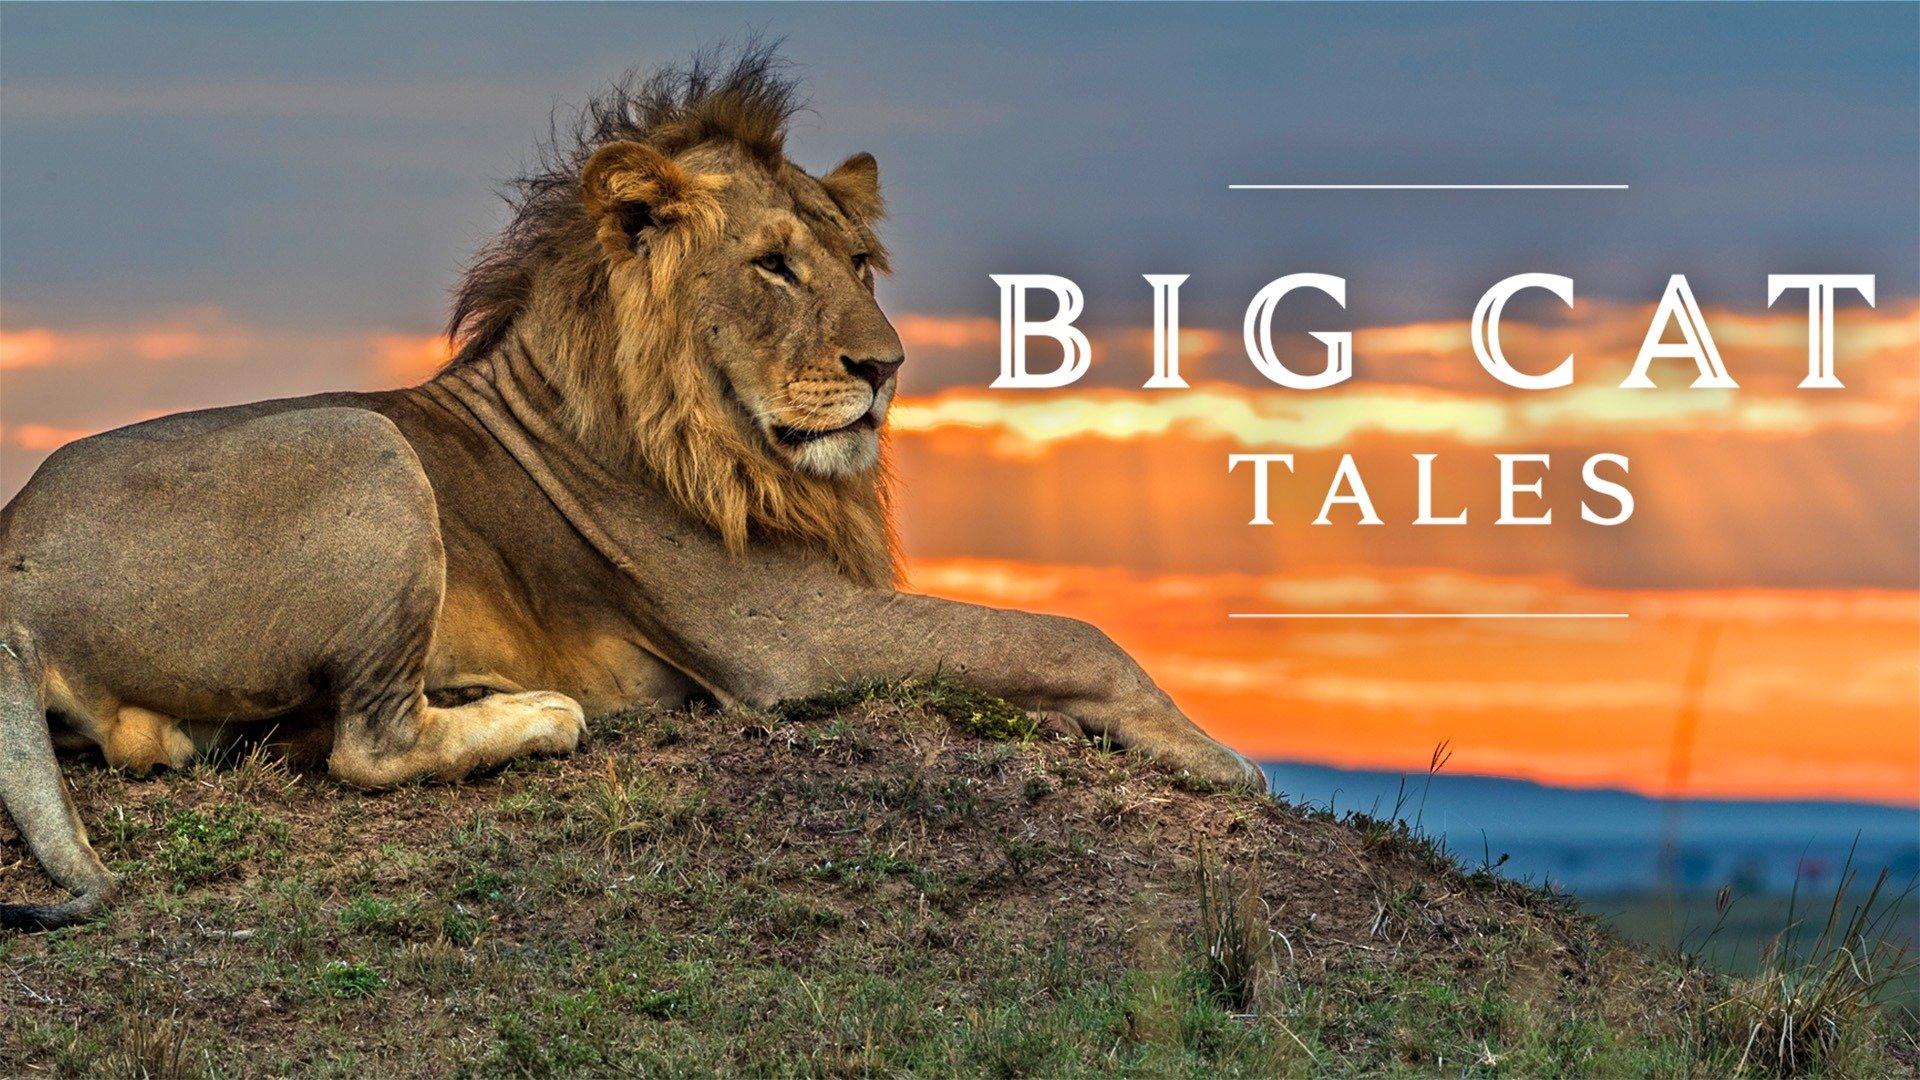 Big Cat Tales